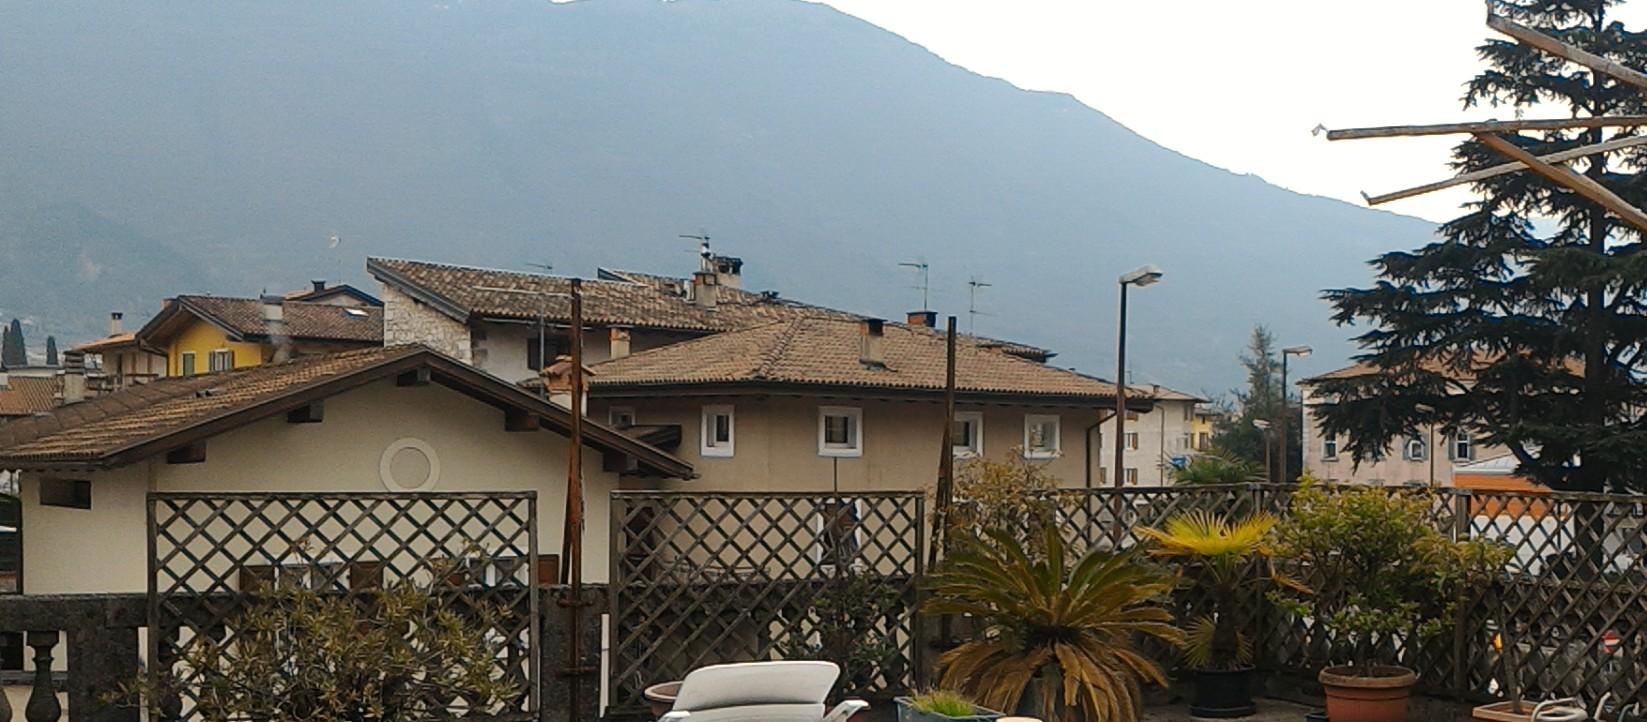 Soluzione Indipendente in vendita a Arco, 20 locali, Trattative riservate   Cambio Casa.it